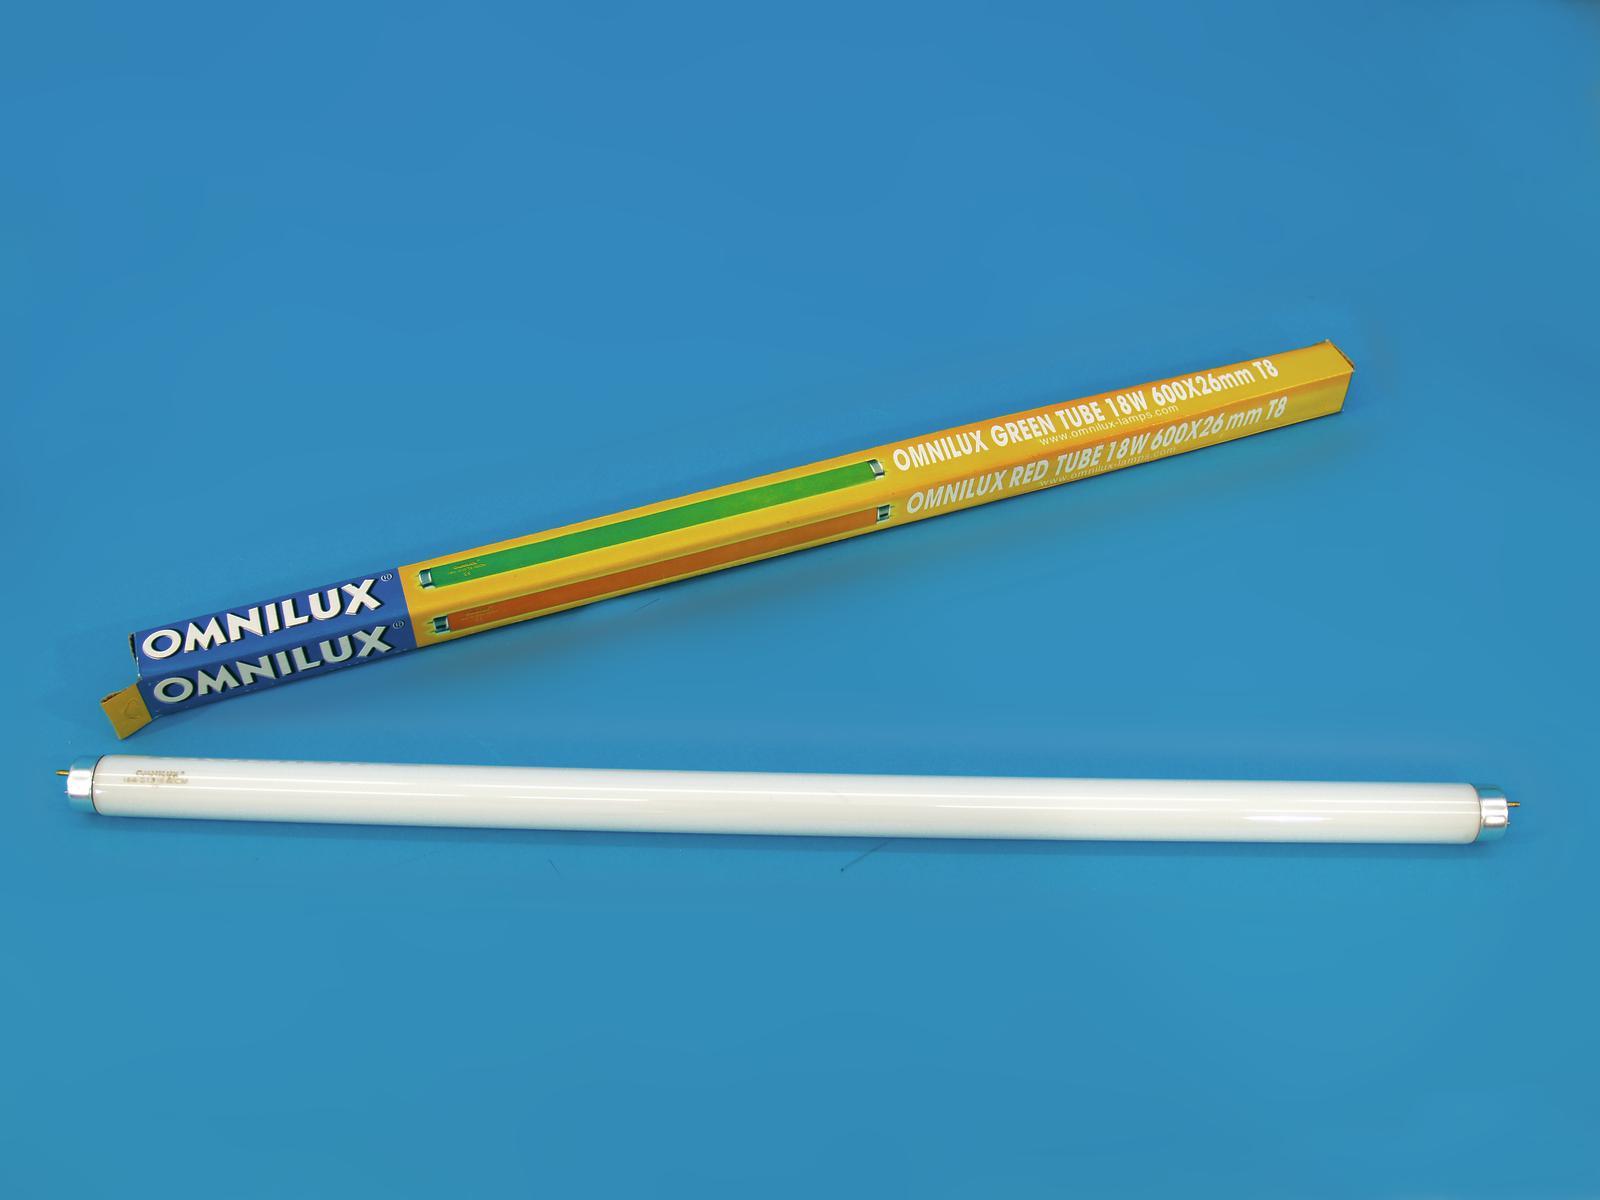 OMNILUX Tubo 18W G13 600x26mm T8 blu